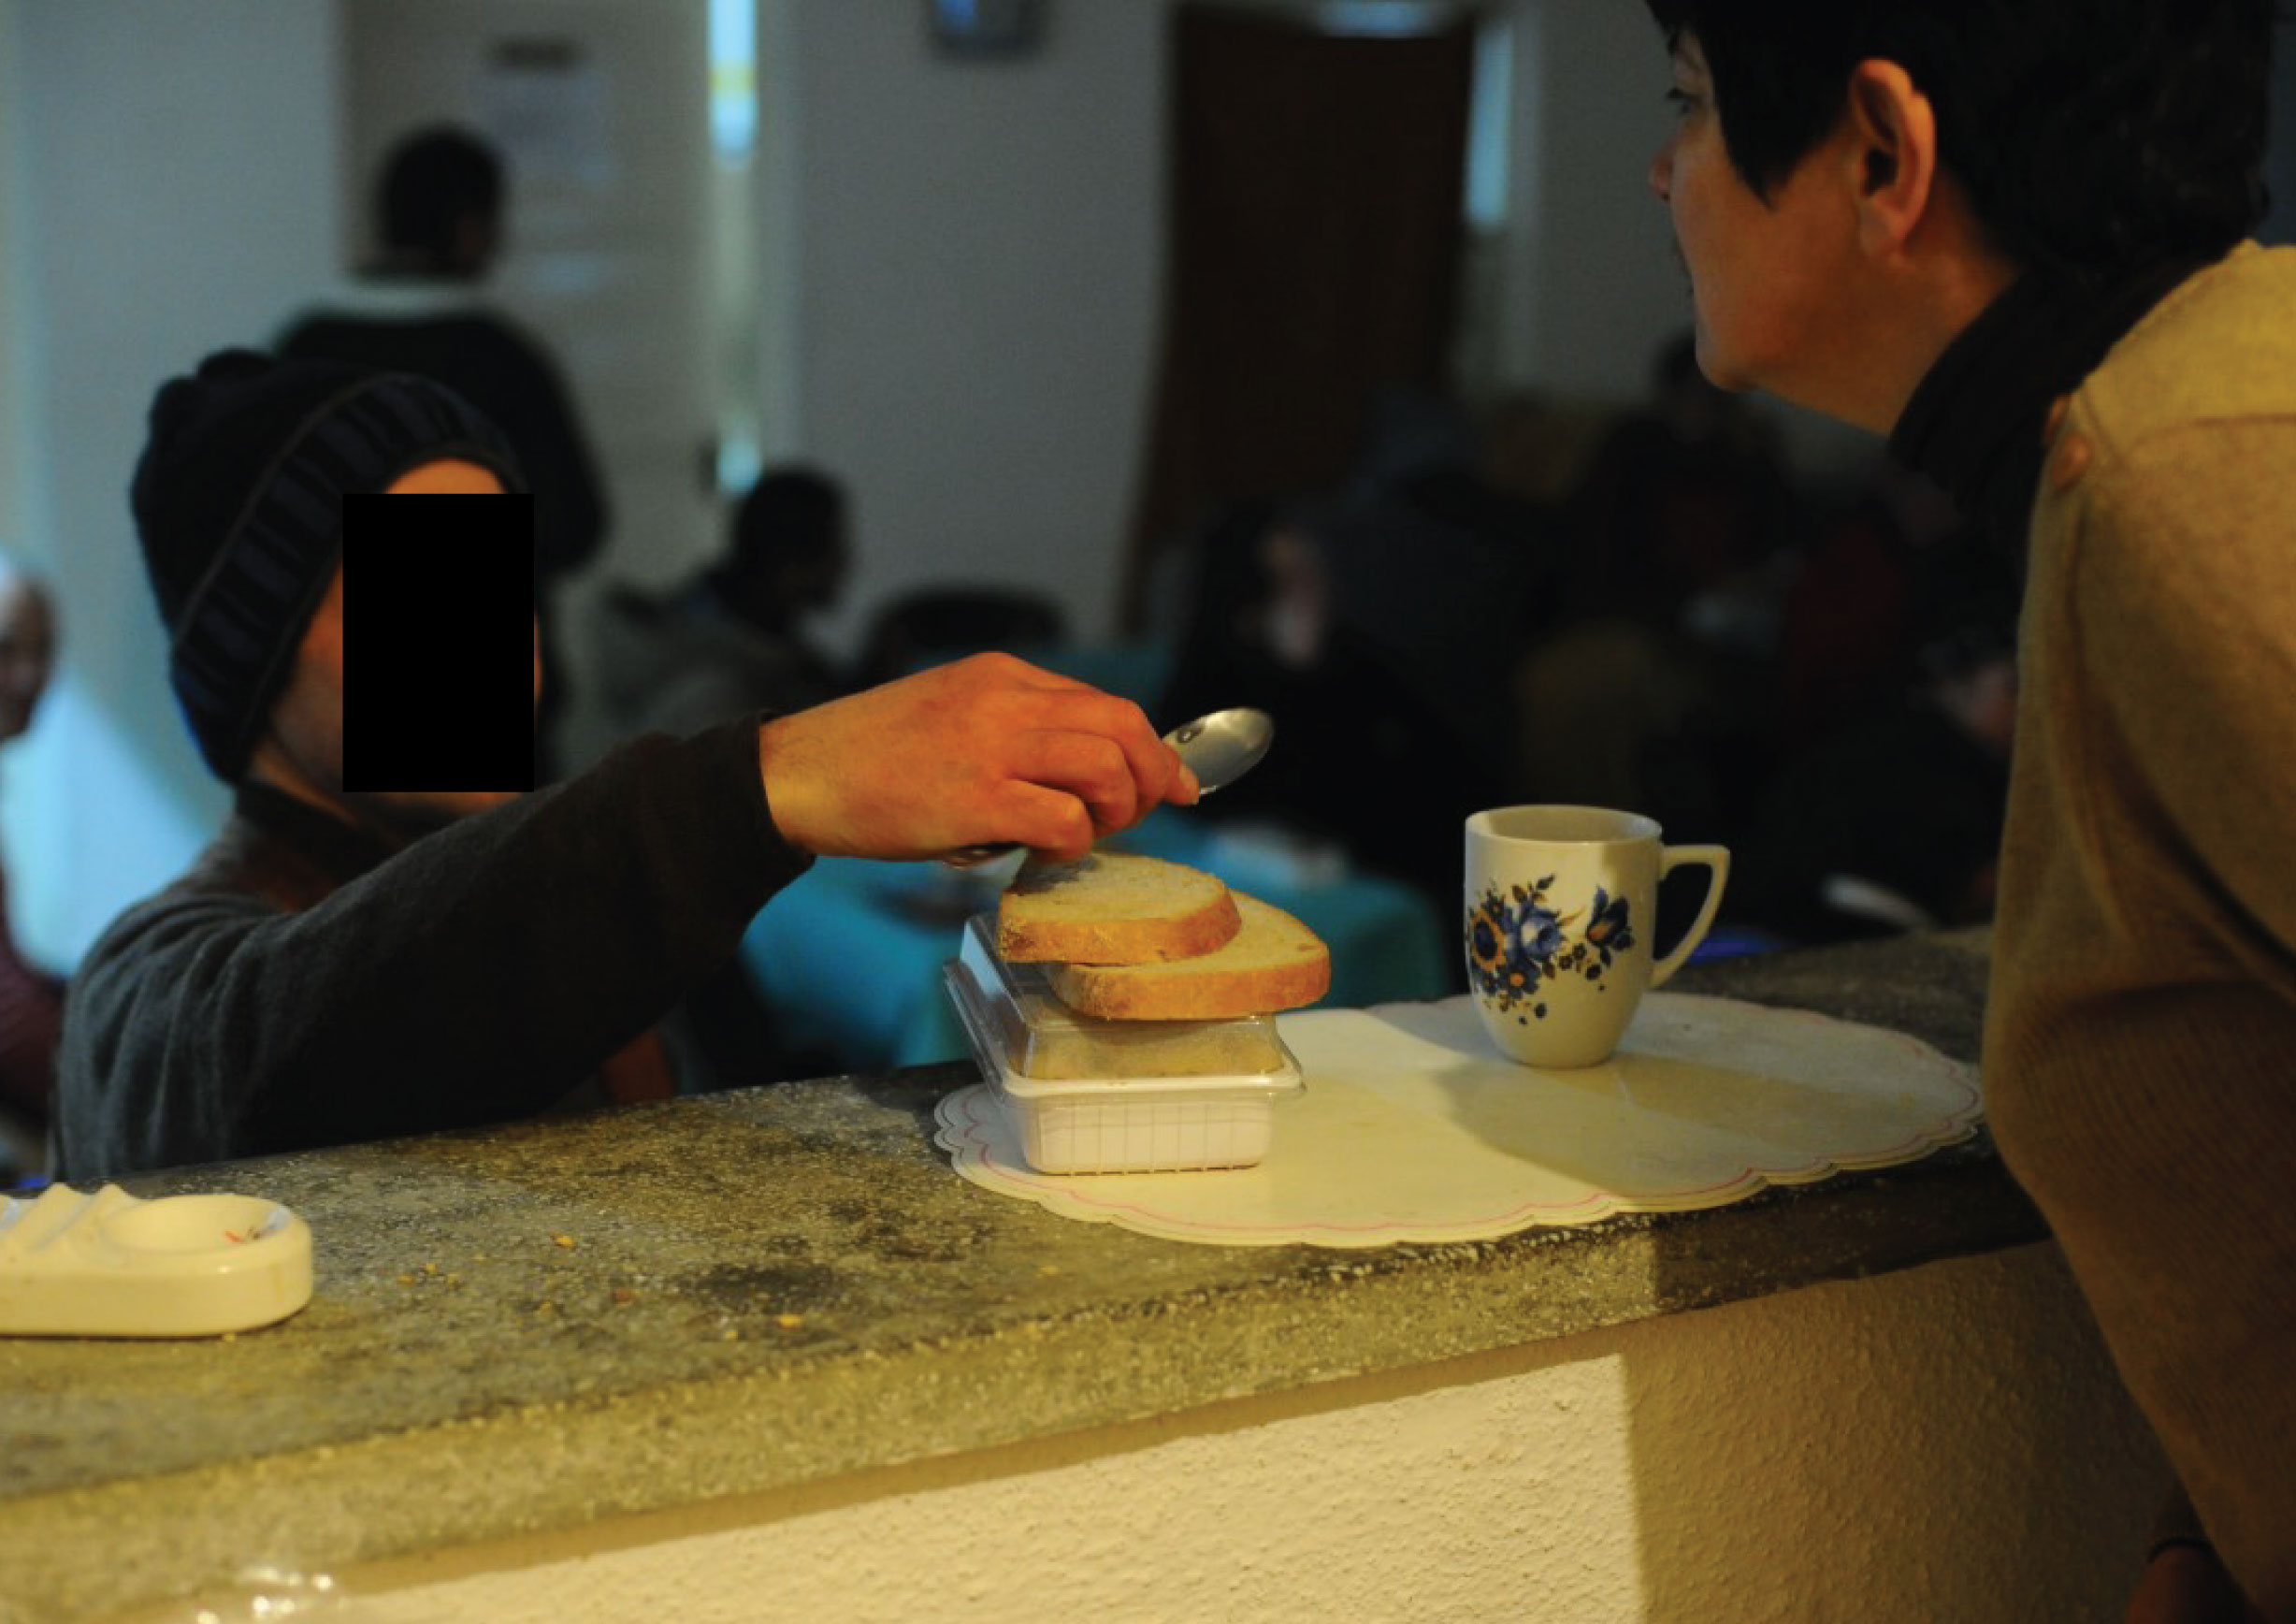 Din 161 de persoane care primesc ajutor social în Sibiu, doar 4 s-au prezentat la muncă